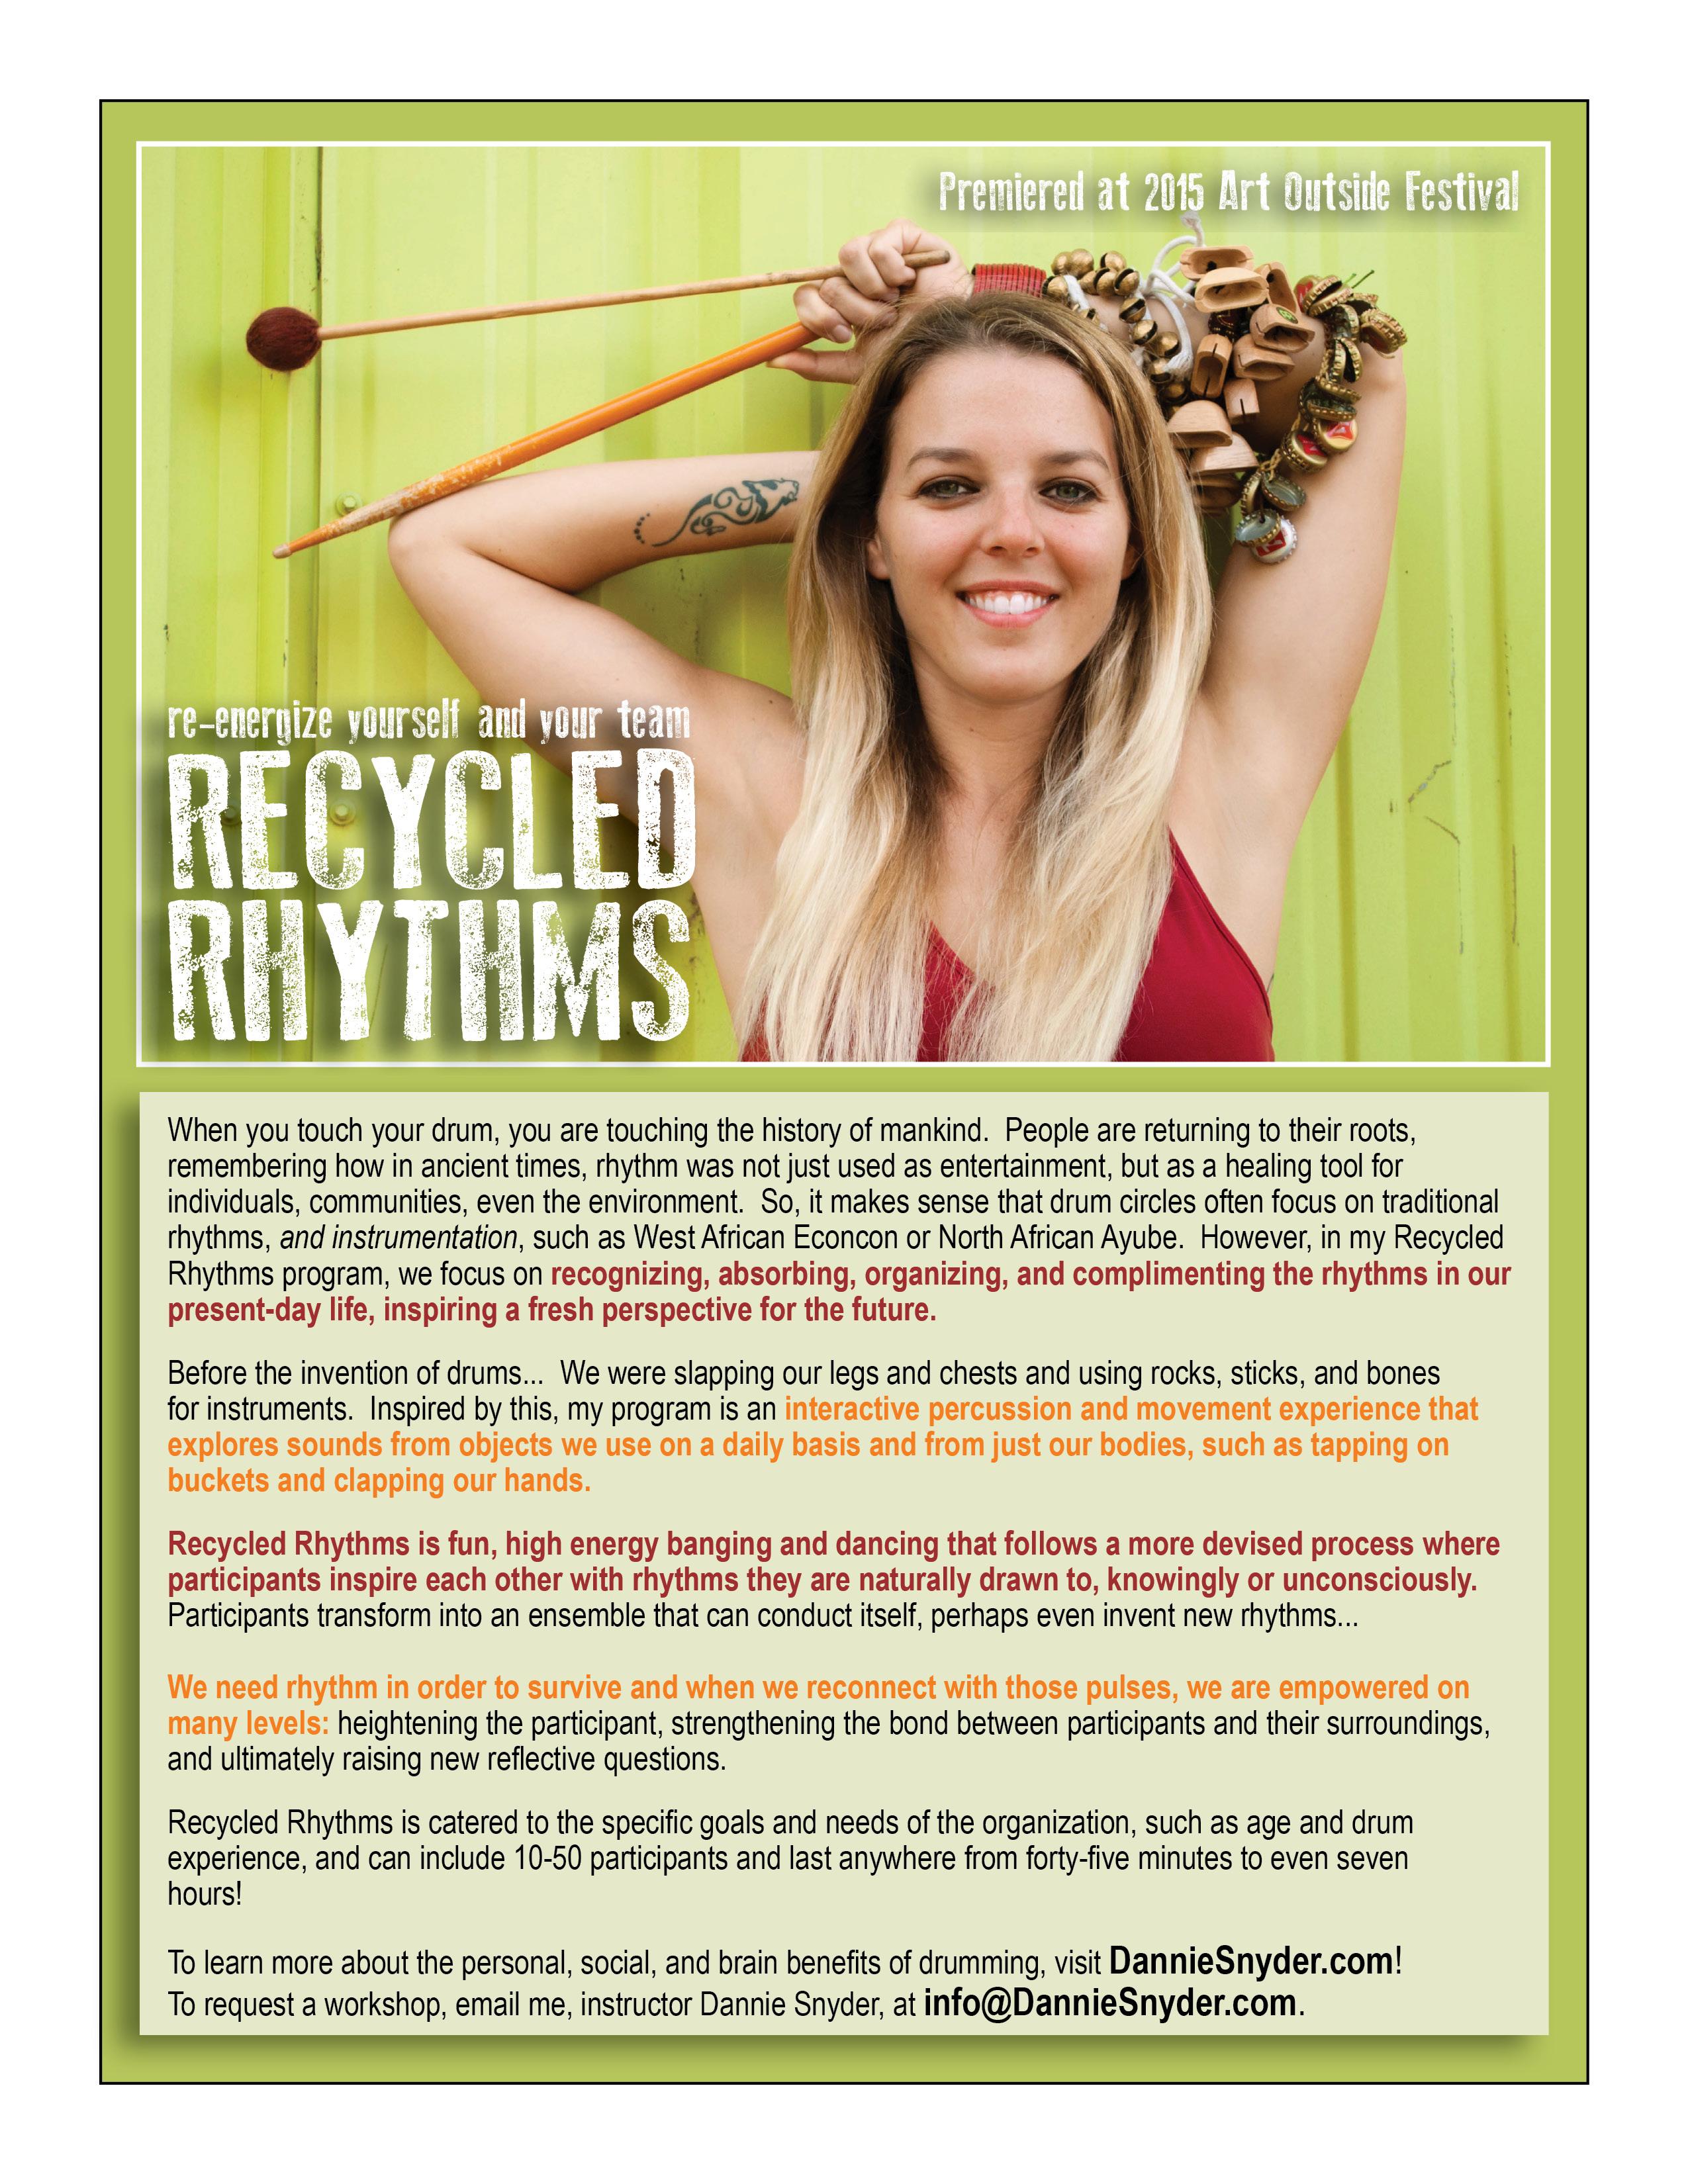 RecycledRhythmsHandOut